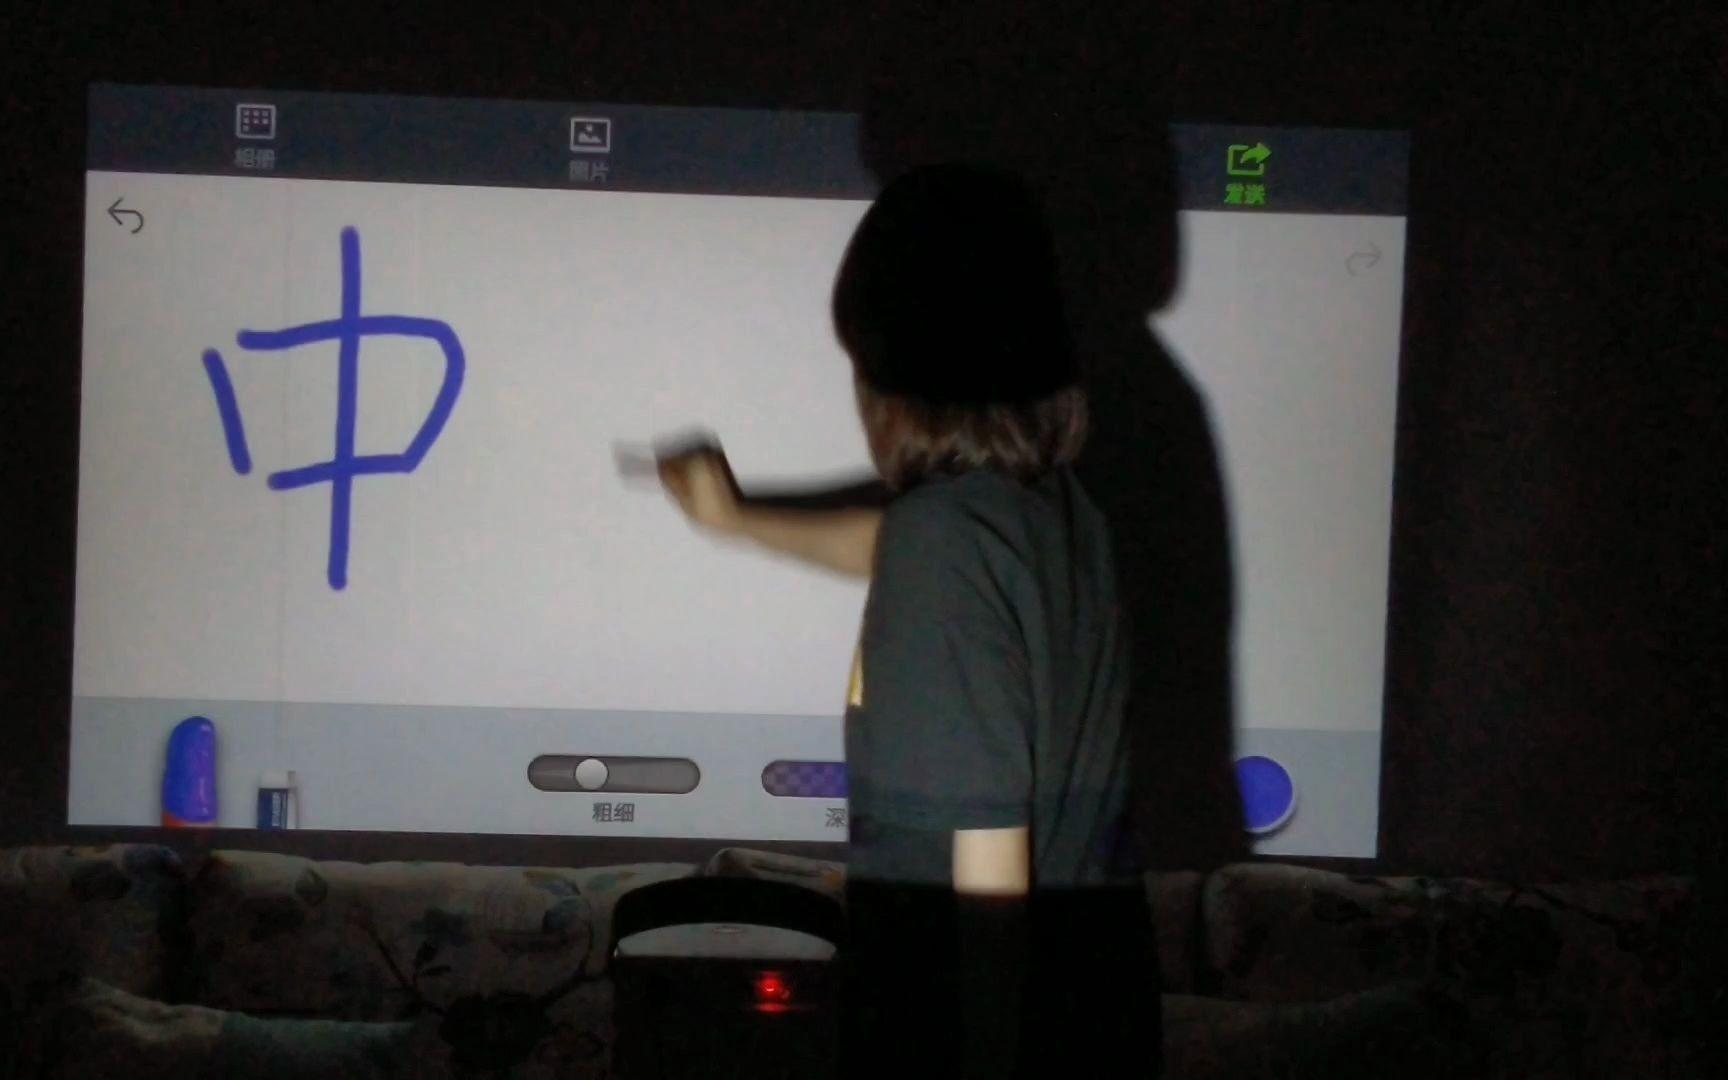 写字画画都可以在墙上进行 直接触控的智能投影仪